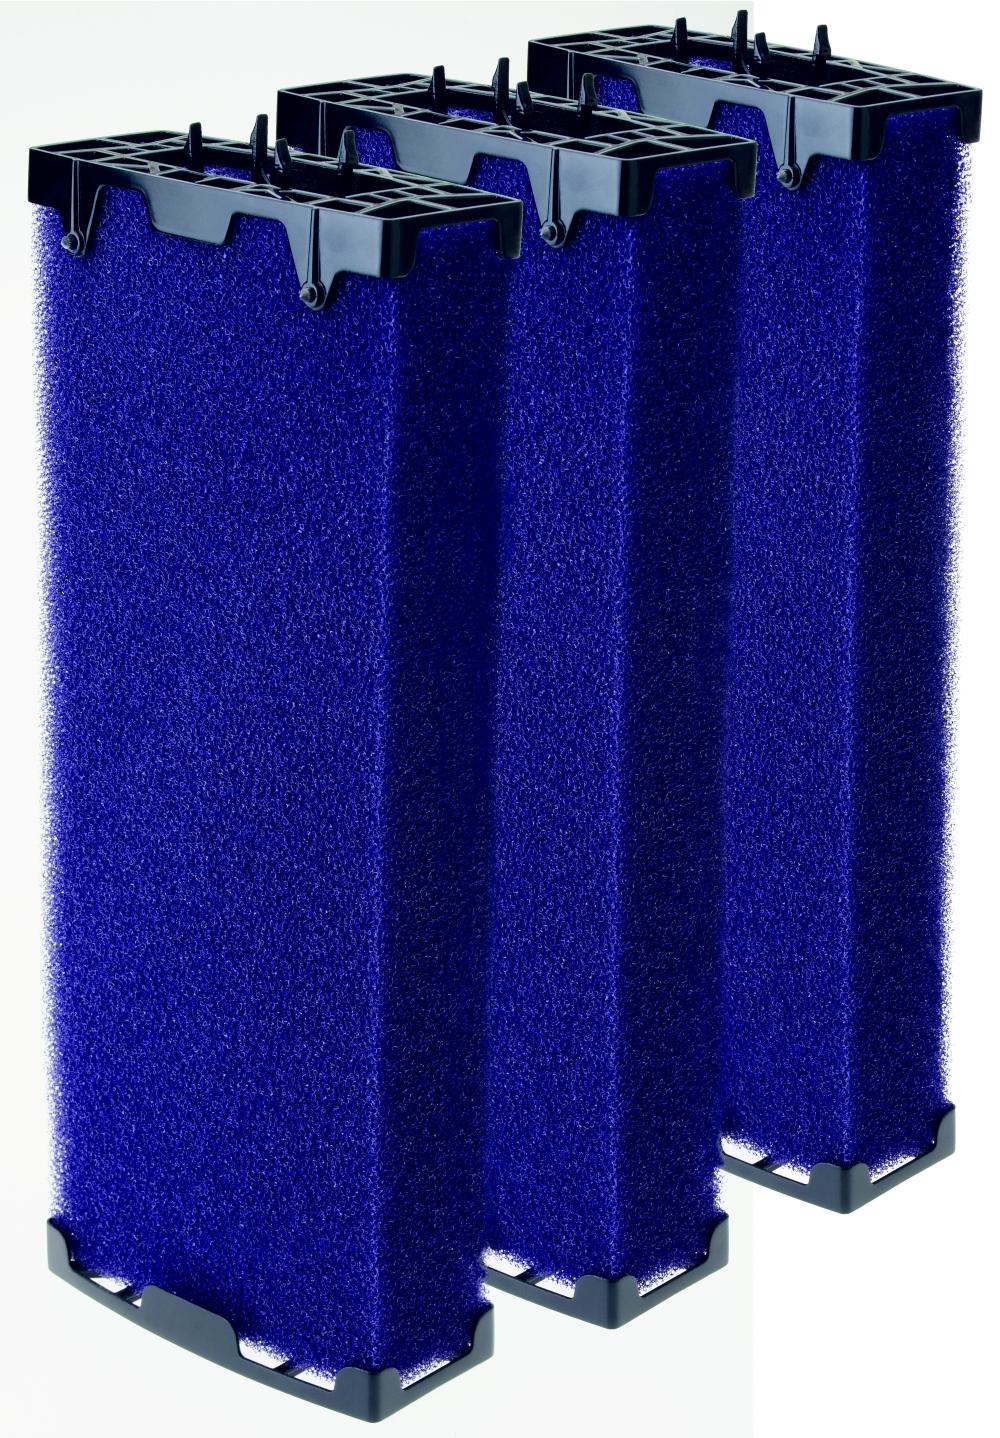 OASE FiltoMatic Filterpatronen Set für CWS 6000/12000/14000/25000